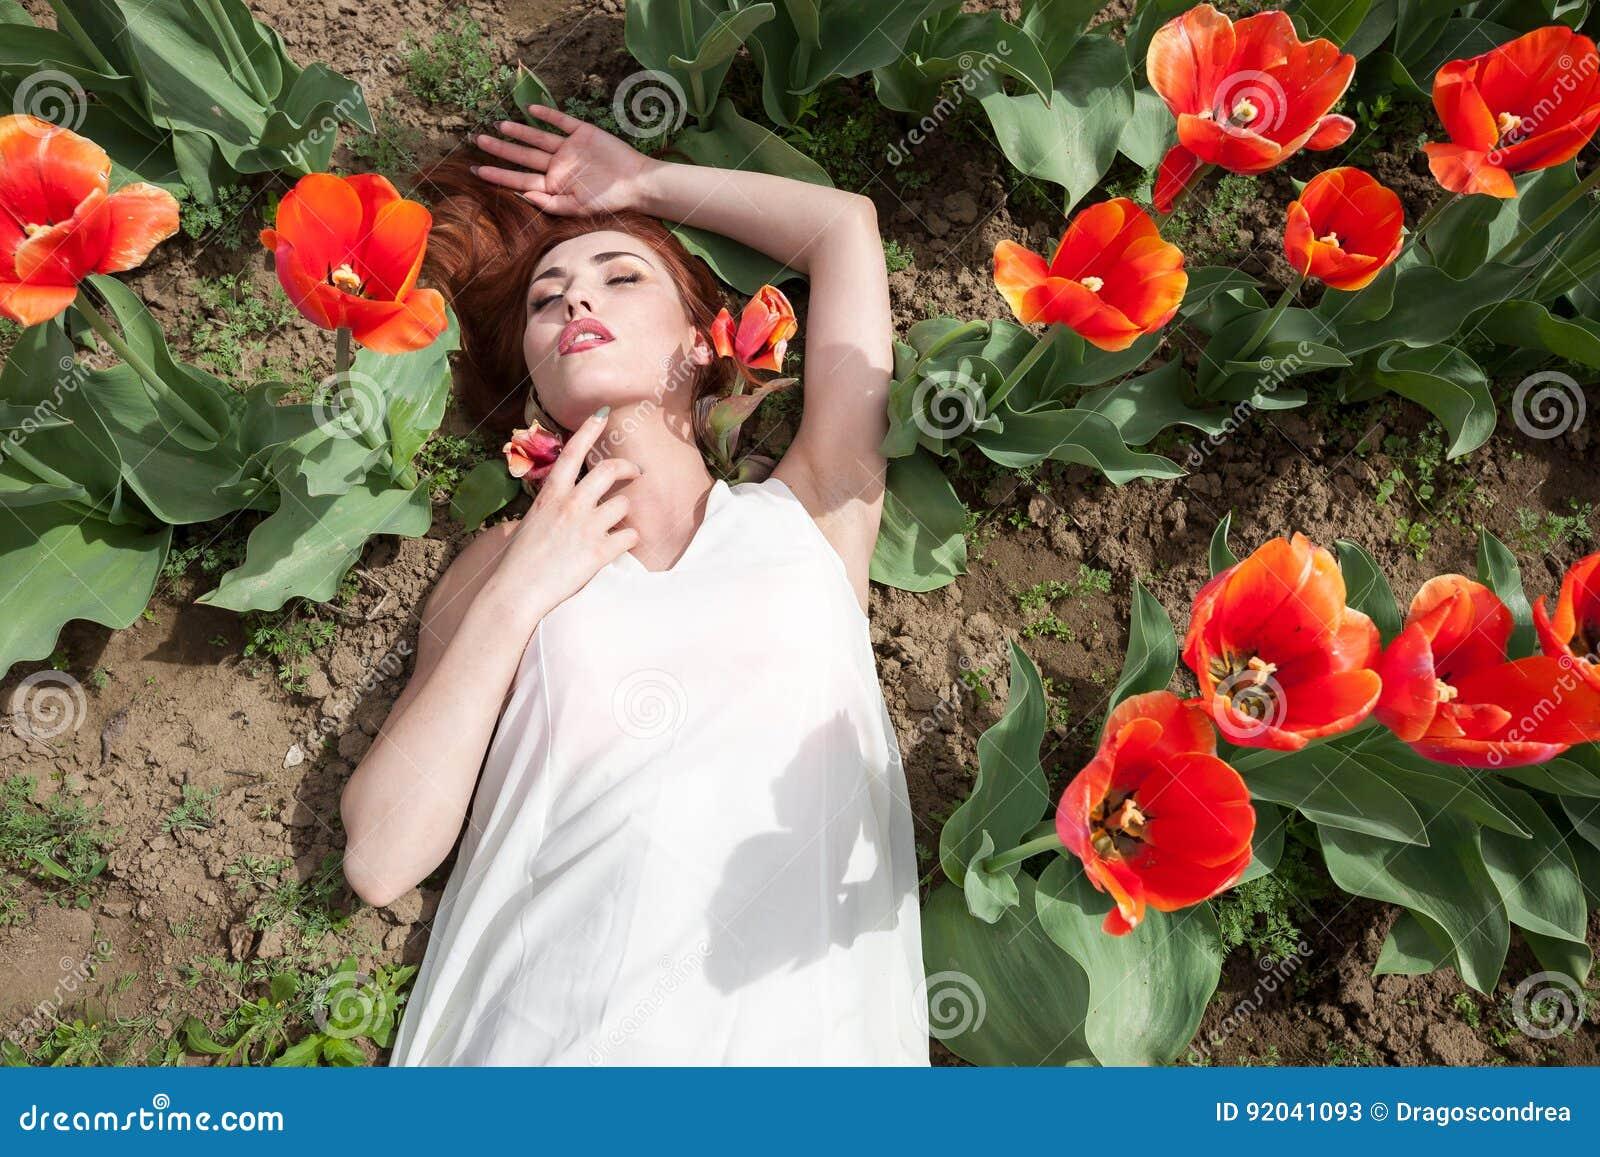 Belle Femme Magnifique Dans Le Domaine De Fleur Rouge Image Stock